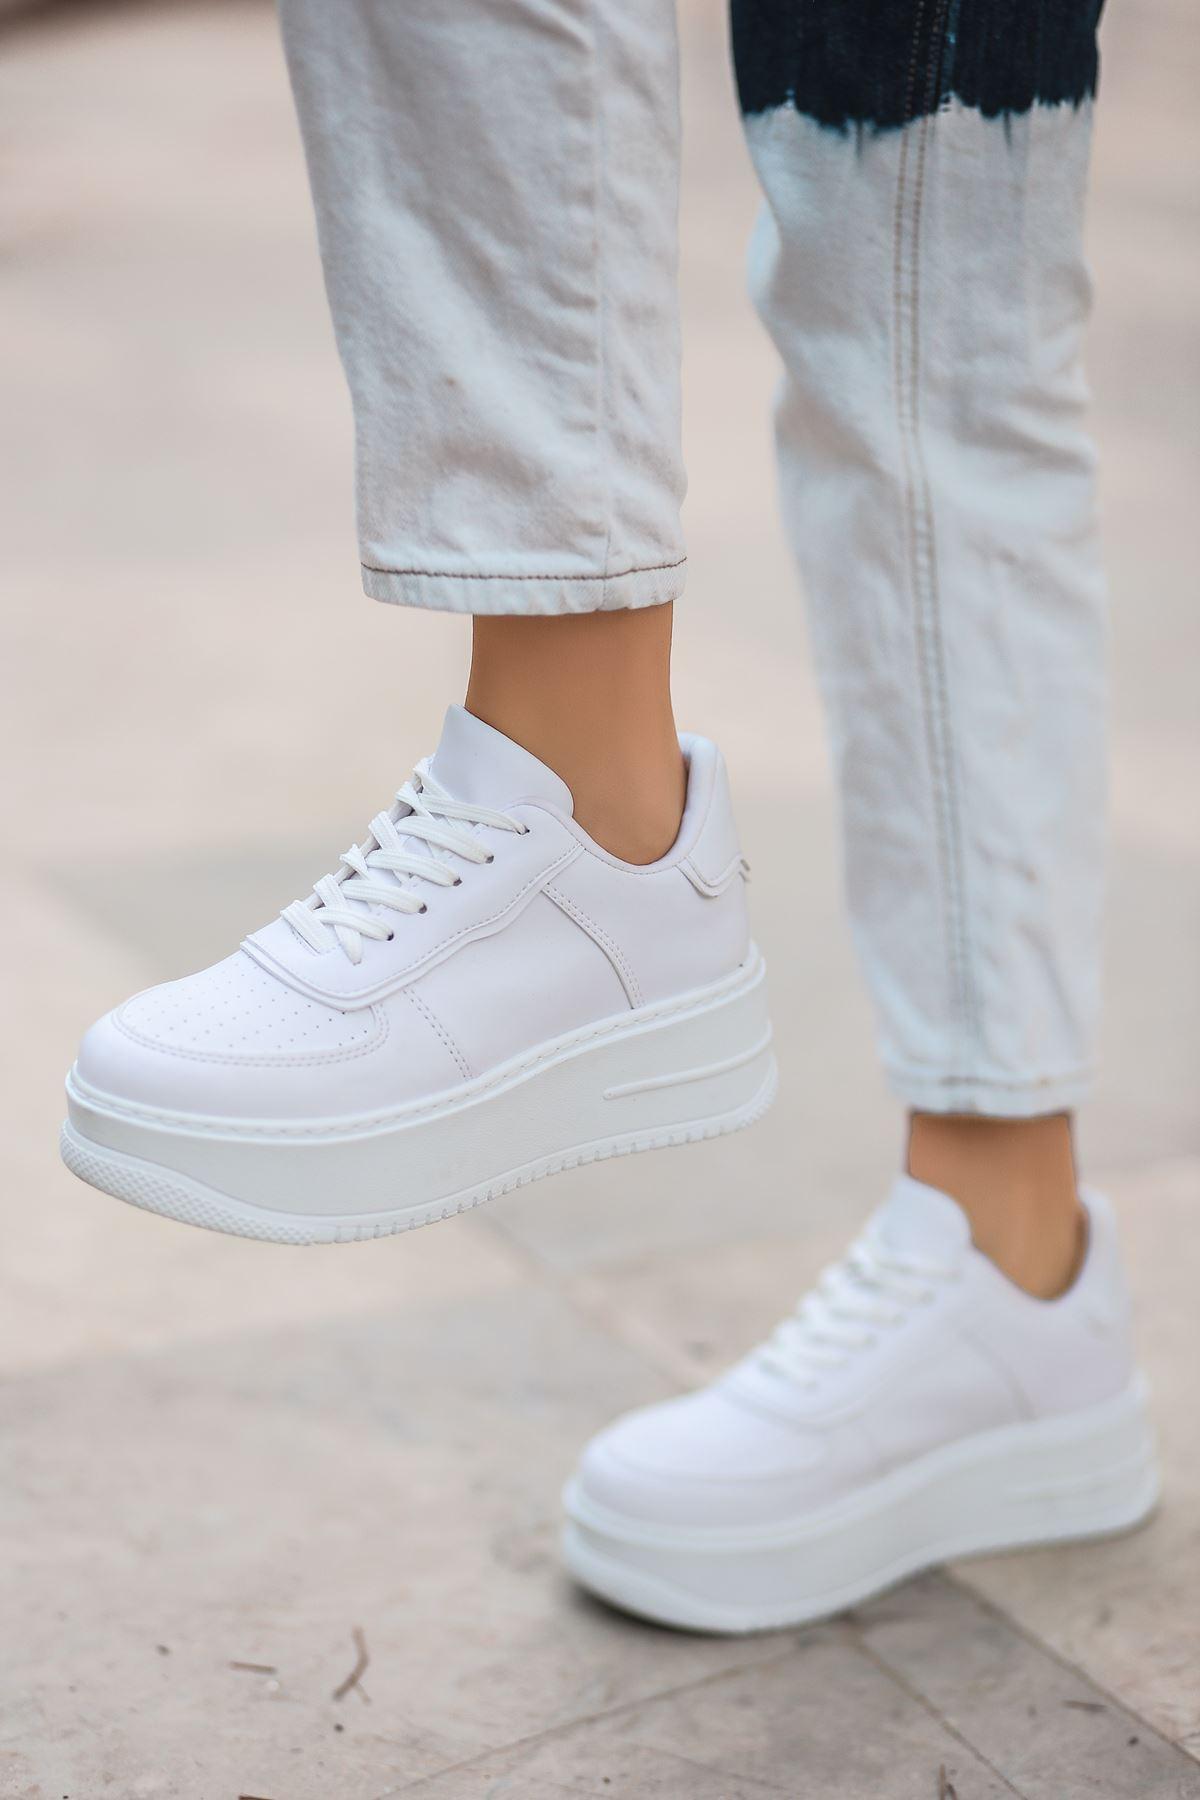 Rms Mat Deri Bağıcıklı Kadın Spor Ayakkabı Beyaz